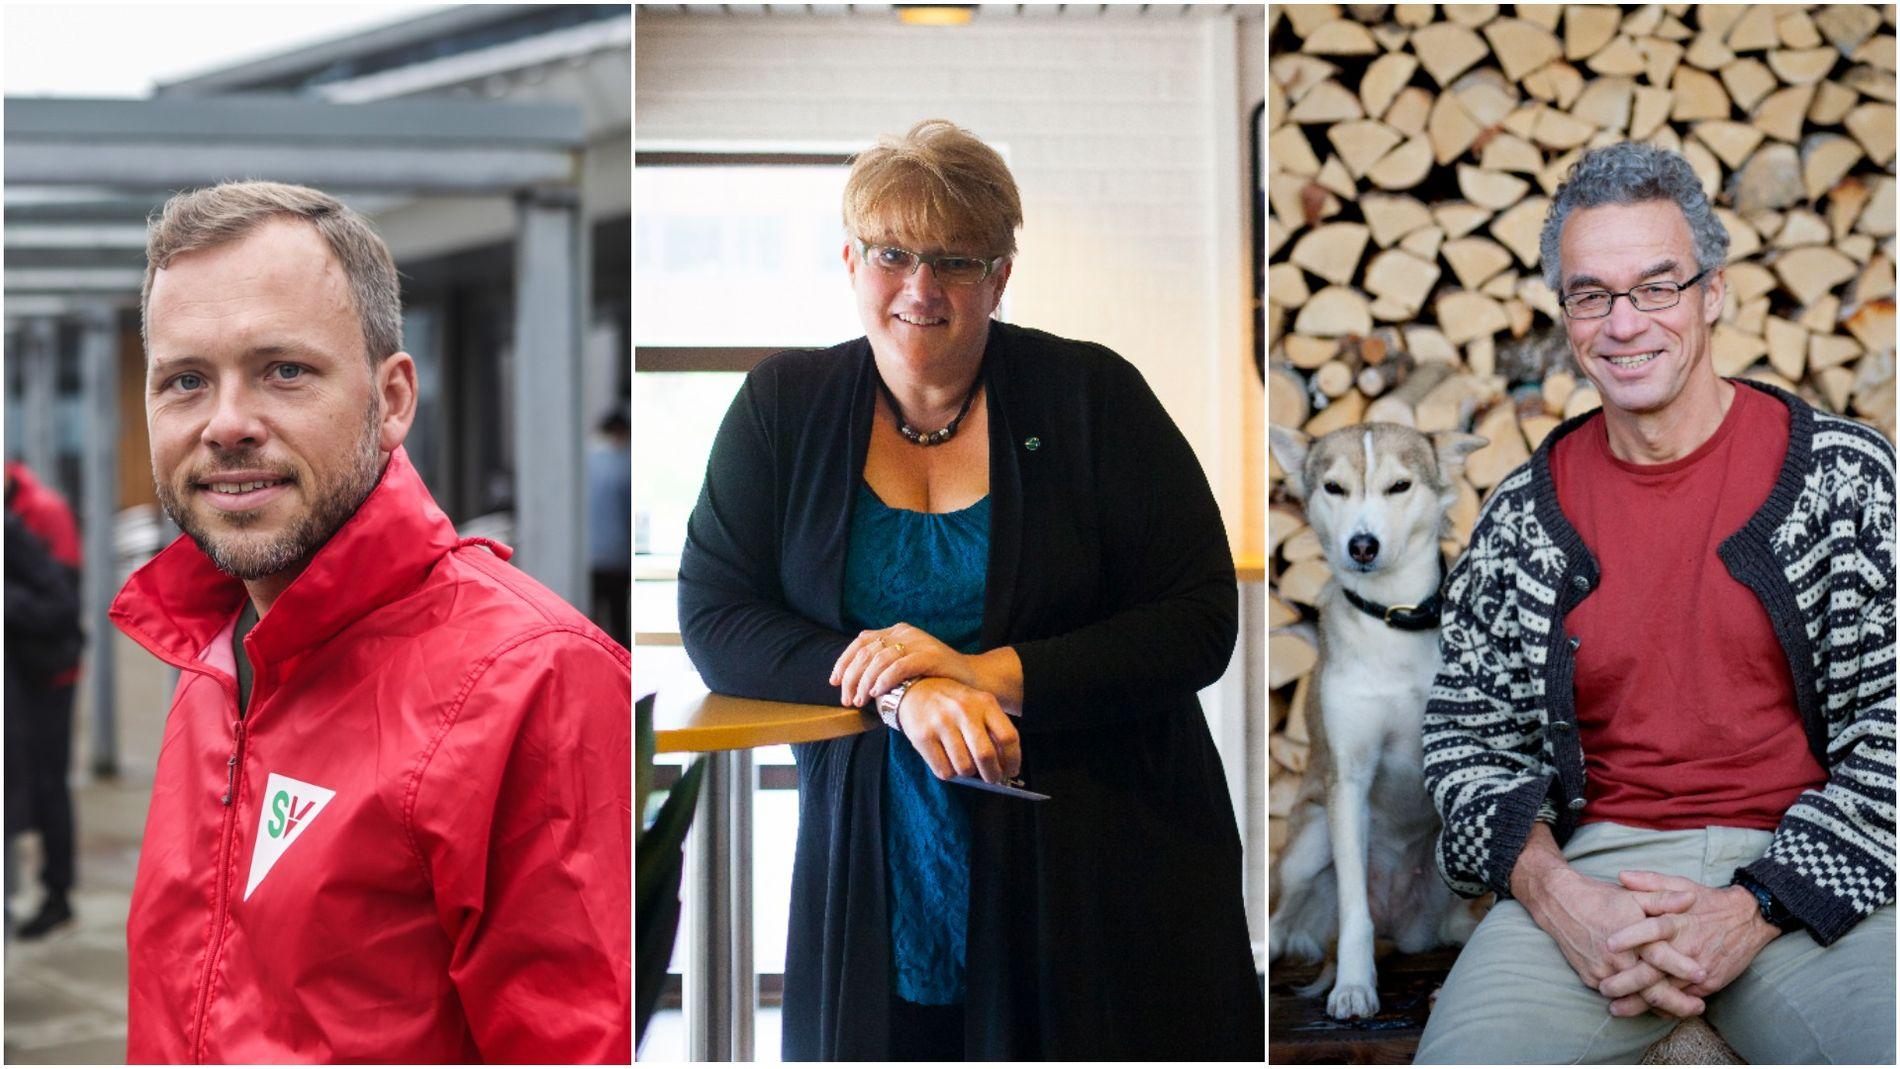 KLIMAPARTIENE: Audun Lysbakken (SV), Trine Skei Grande (V) og Rasmus Hansson (MDG) leder de tre eneste partiene som i realiteten setter klima høyt nok på prioriteringslisten. Heldigvis vil de forhåpentlig få makt, uavhengig av om det er Støre eller Solberg som blir statsminister.